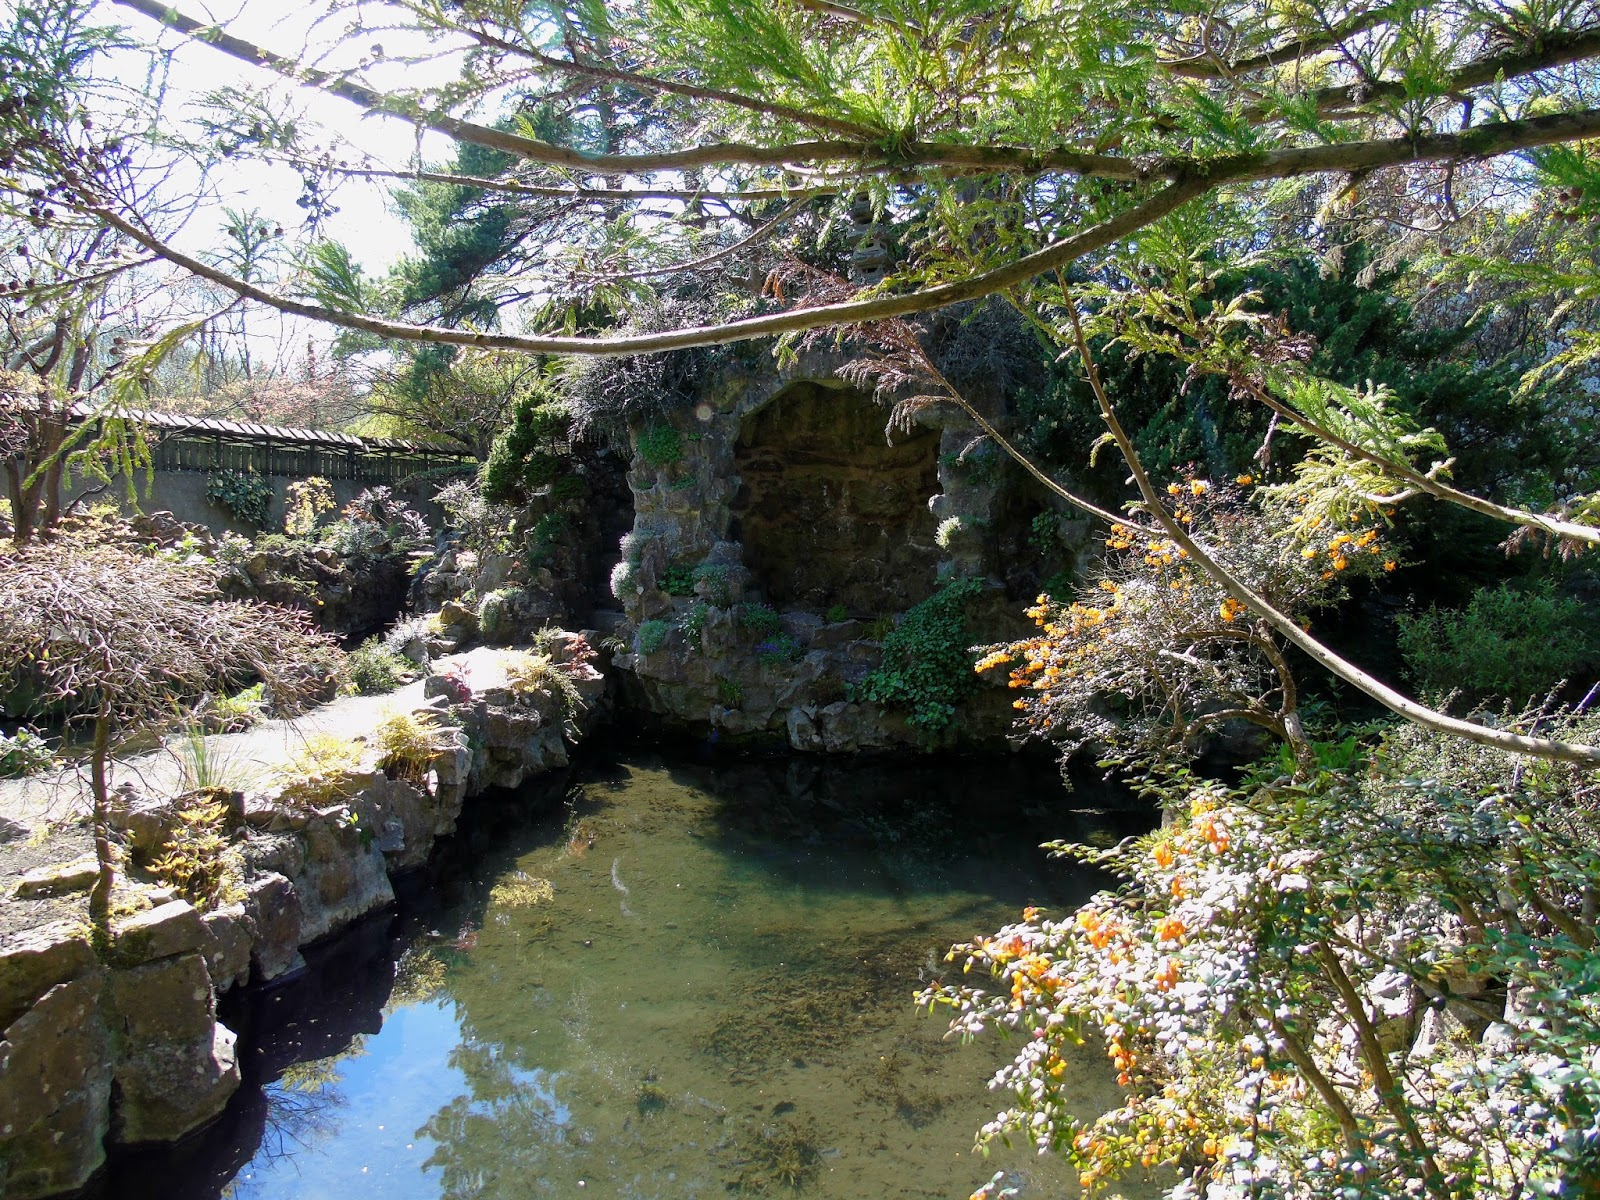 japanese gardens kildare ireland Japanese Gardens, Kildare | thriftylilpixie